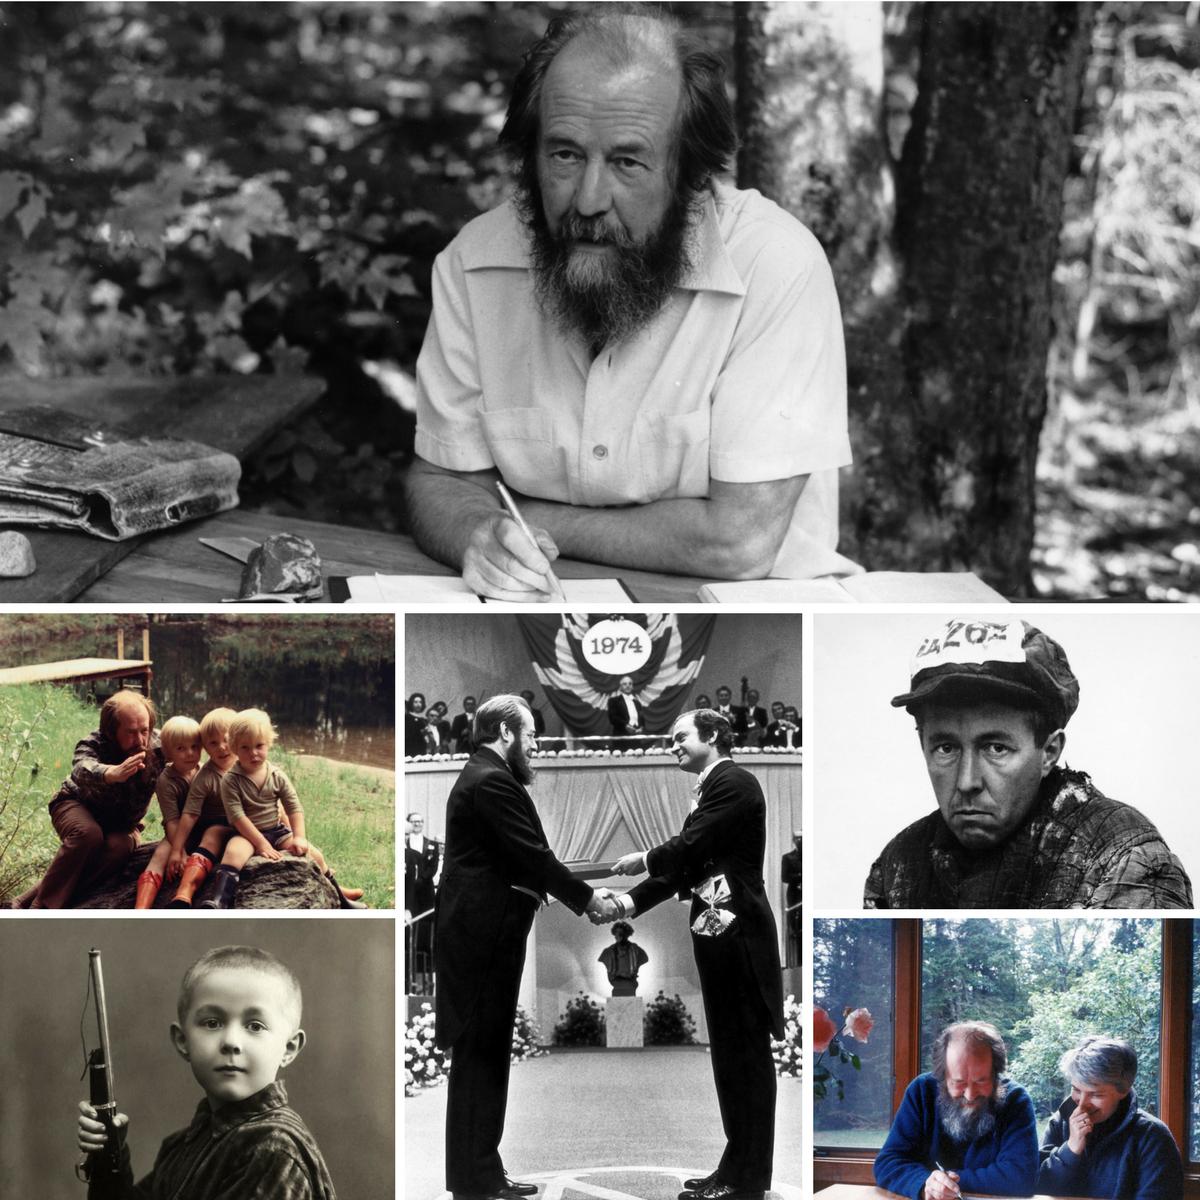 Aleksandr-Soltzenitsyn-Collage2 (1).png